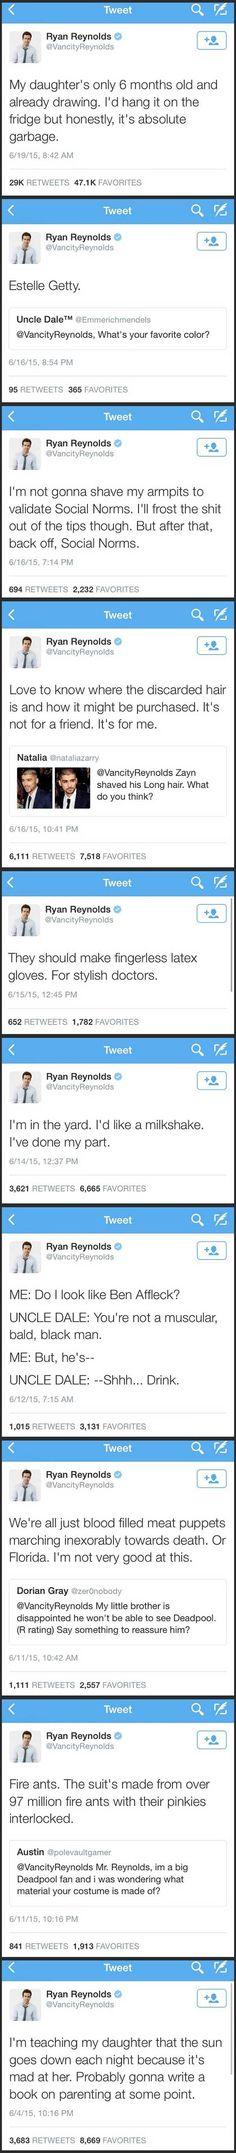 Ryan Reynolds' Twitter is a lot of fun.